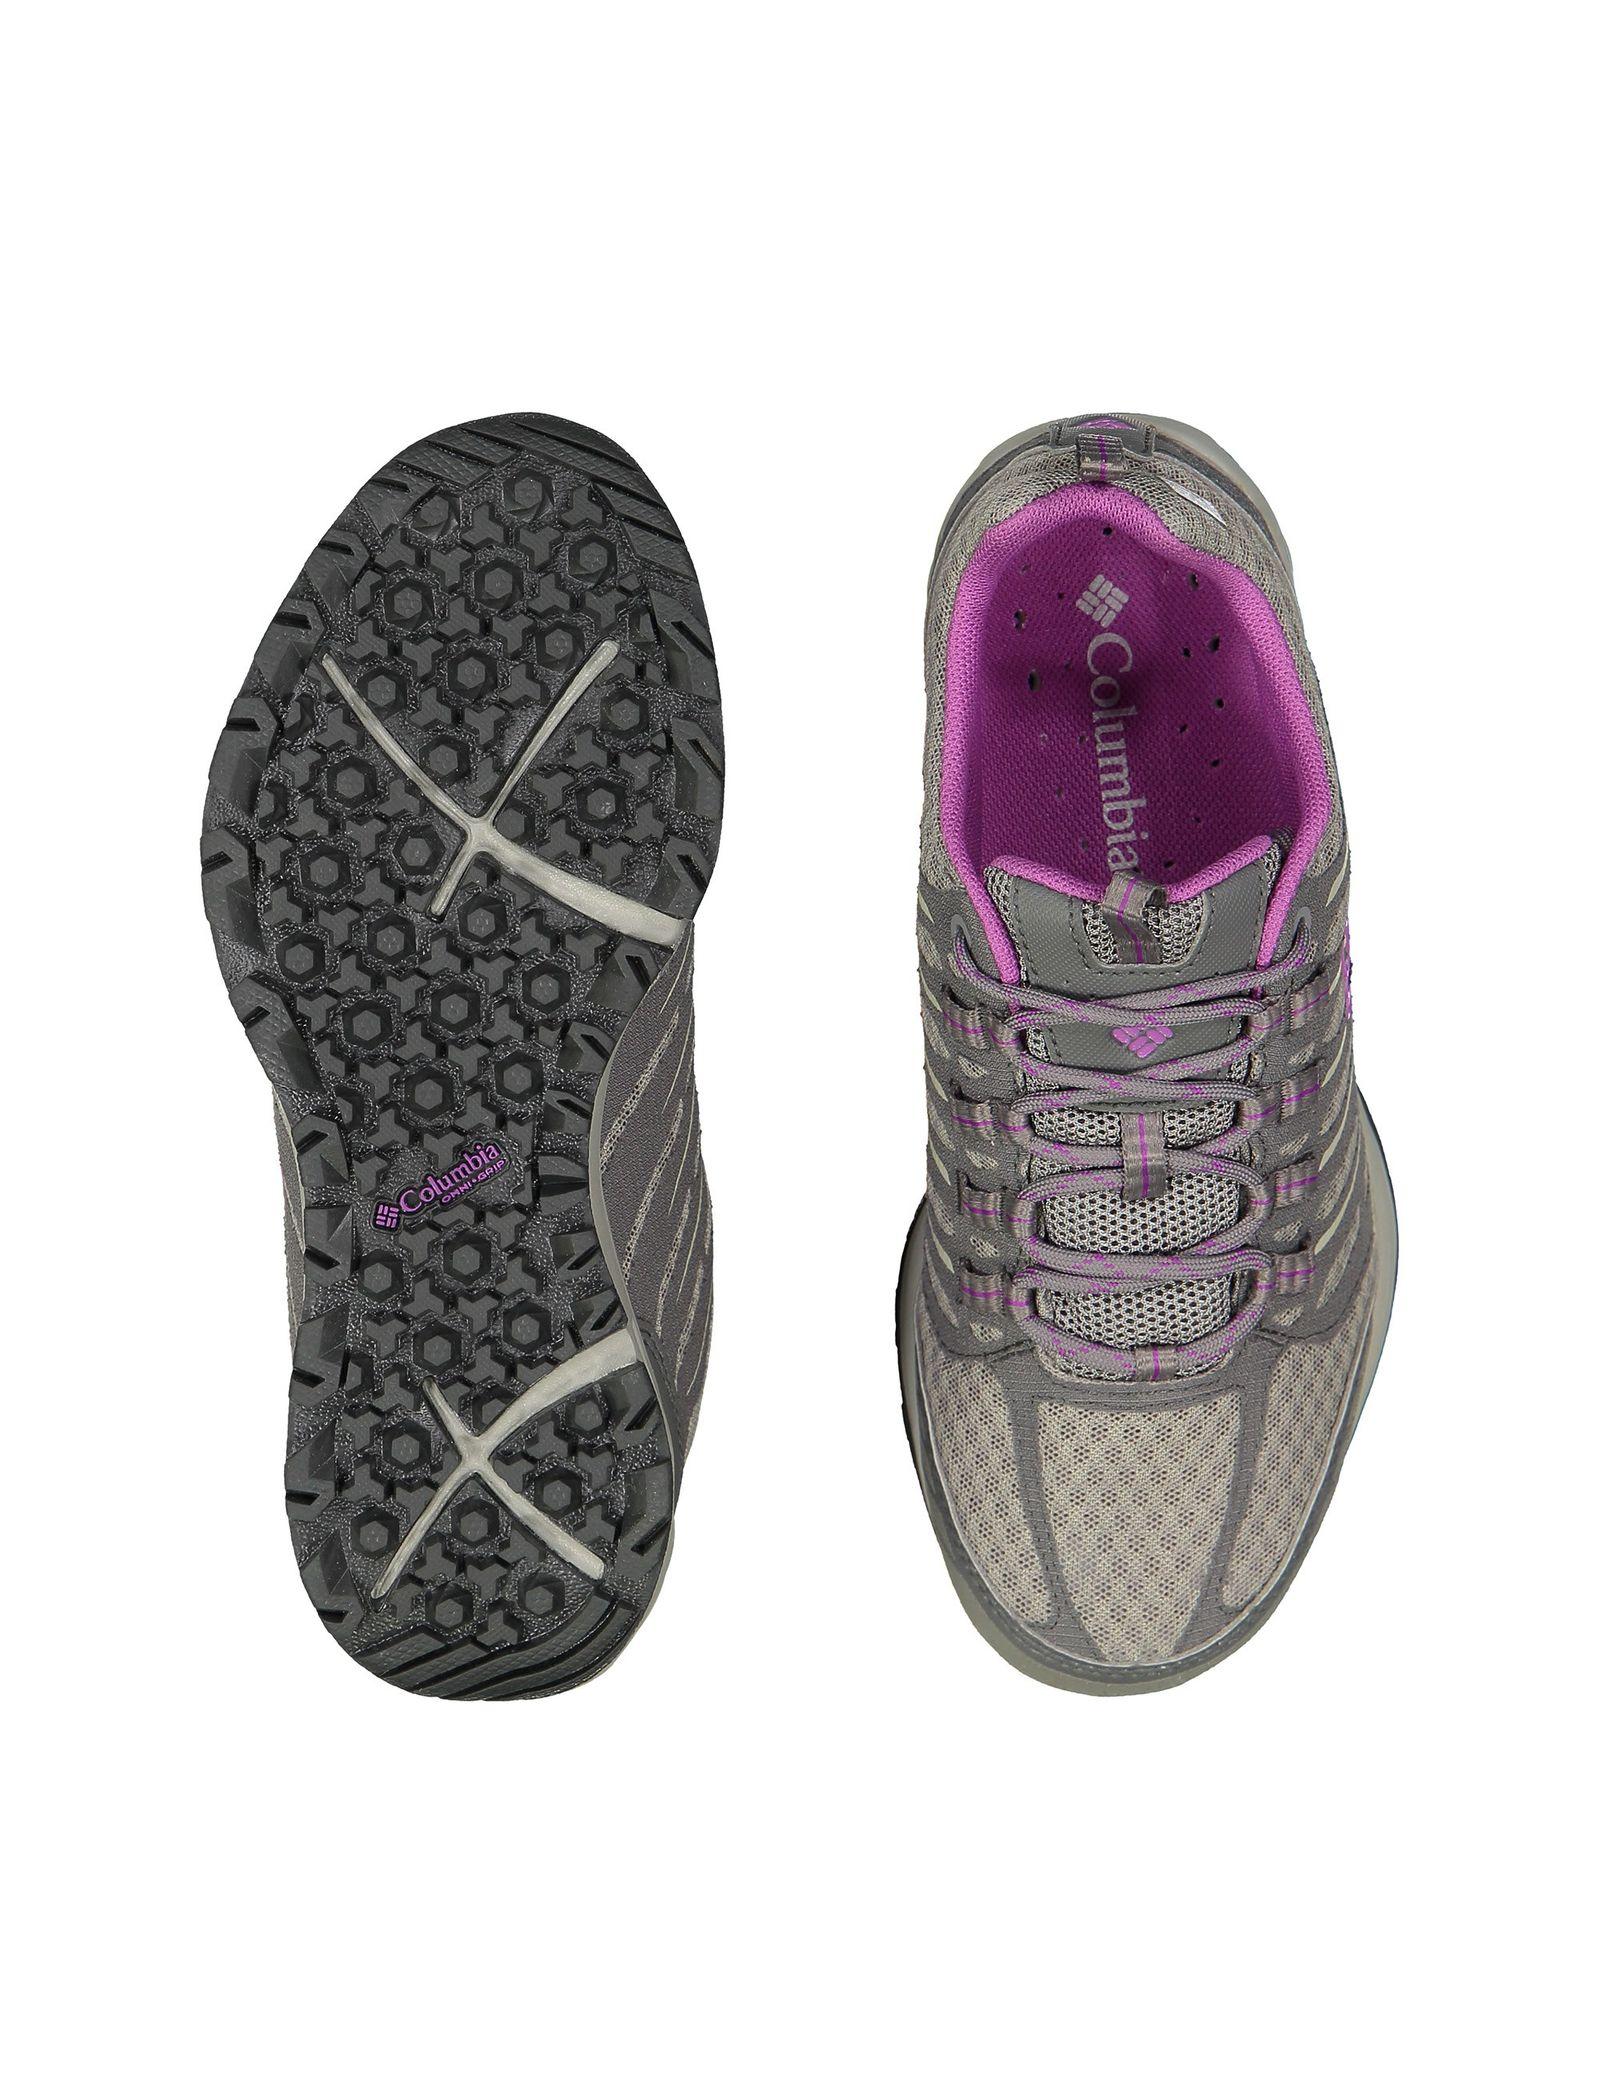 کفش دویدن بندی زنانه Ventrailia Razor Outdry - کلمبیا - طوسي - 2